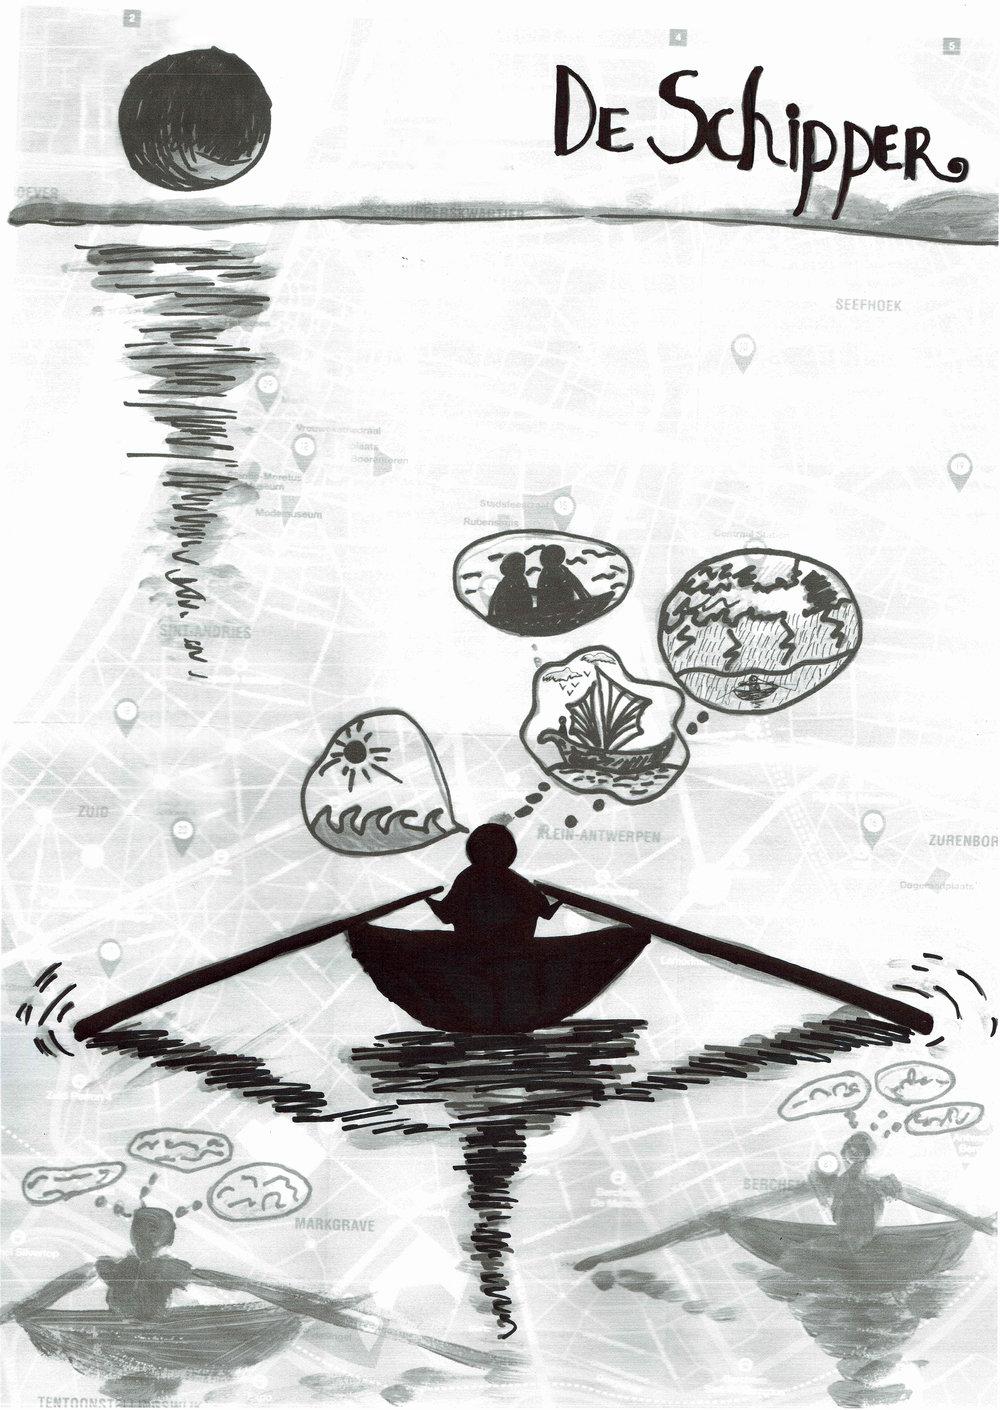 - De SCHIPPER-groep wordt gevormd door 6 jongeren die één of meerdere belangrijke personen hebben verloren. Tweewekelijks komen we samen en trachten we via verschillende activiteiten ruimte te maken om dit verlies in beeld te brengen. Tijdens deze momenten proberen we stil te staan bij hoe wij omgaan met dit verlies, hoe onze omgeving omgaat met het verlies en hoe er meer hartverbindingen kunnen ontstaan met onze omgeving, ondanks onze verliezen. Alle schippers zijn welkom! Marian & HoàStartdatum: 28 februari 2018Uur: Elke 2 weken, op woensdag van 16h-18hLocatie: Het Mercatorhuis, Mercatorstraat 206, 9100 Sint-NiklaasKostprijs: 250 € voor 7 bijeenkomstenMarian Van Brussel Marian.van.brussel@gmail.com 0495 22 01 34Hoà LeysenLeysenhoa@gmail.com 0489 42 77 31